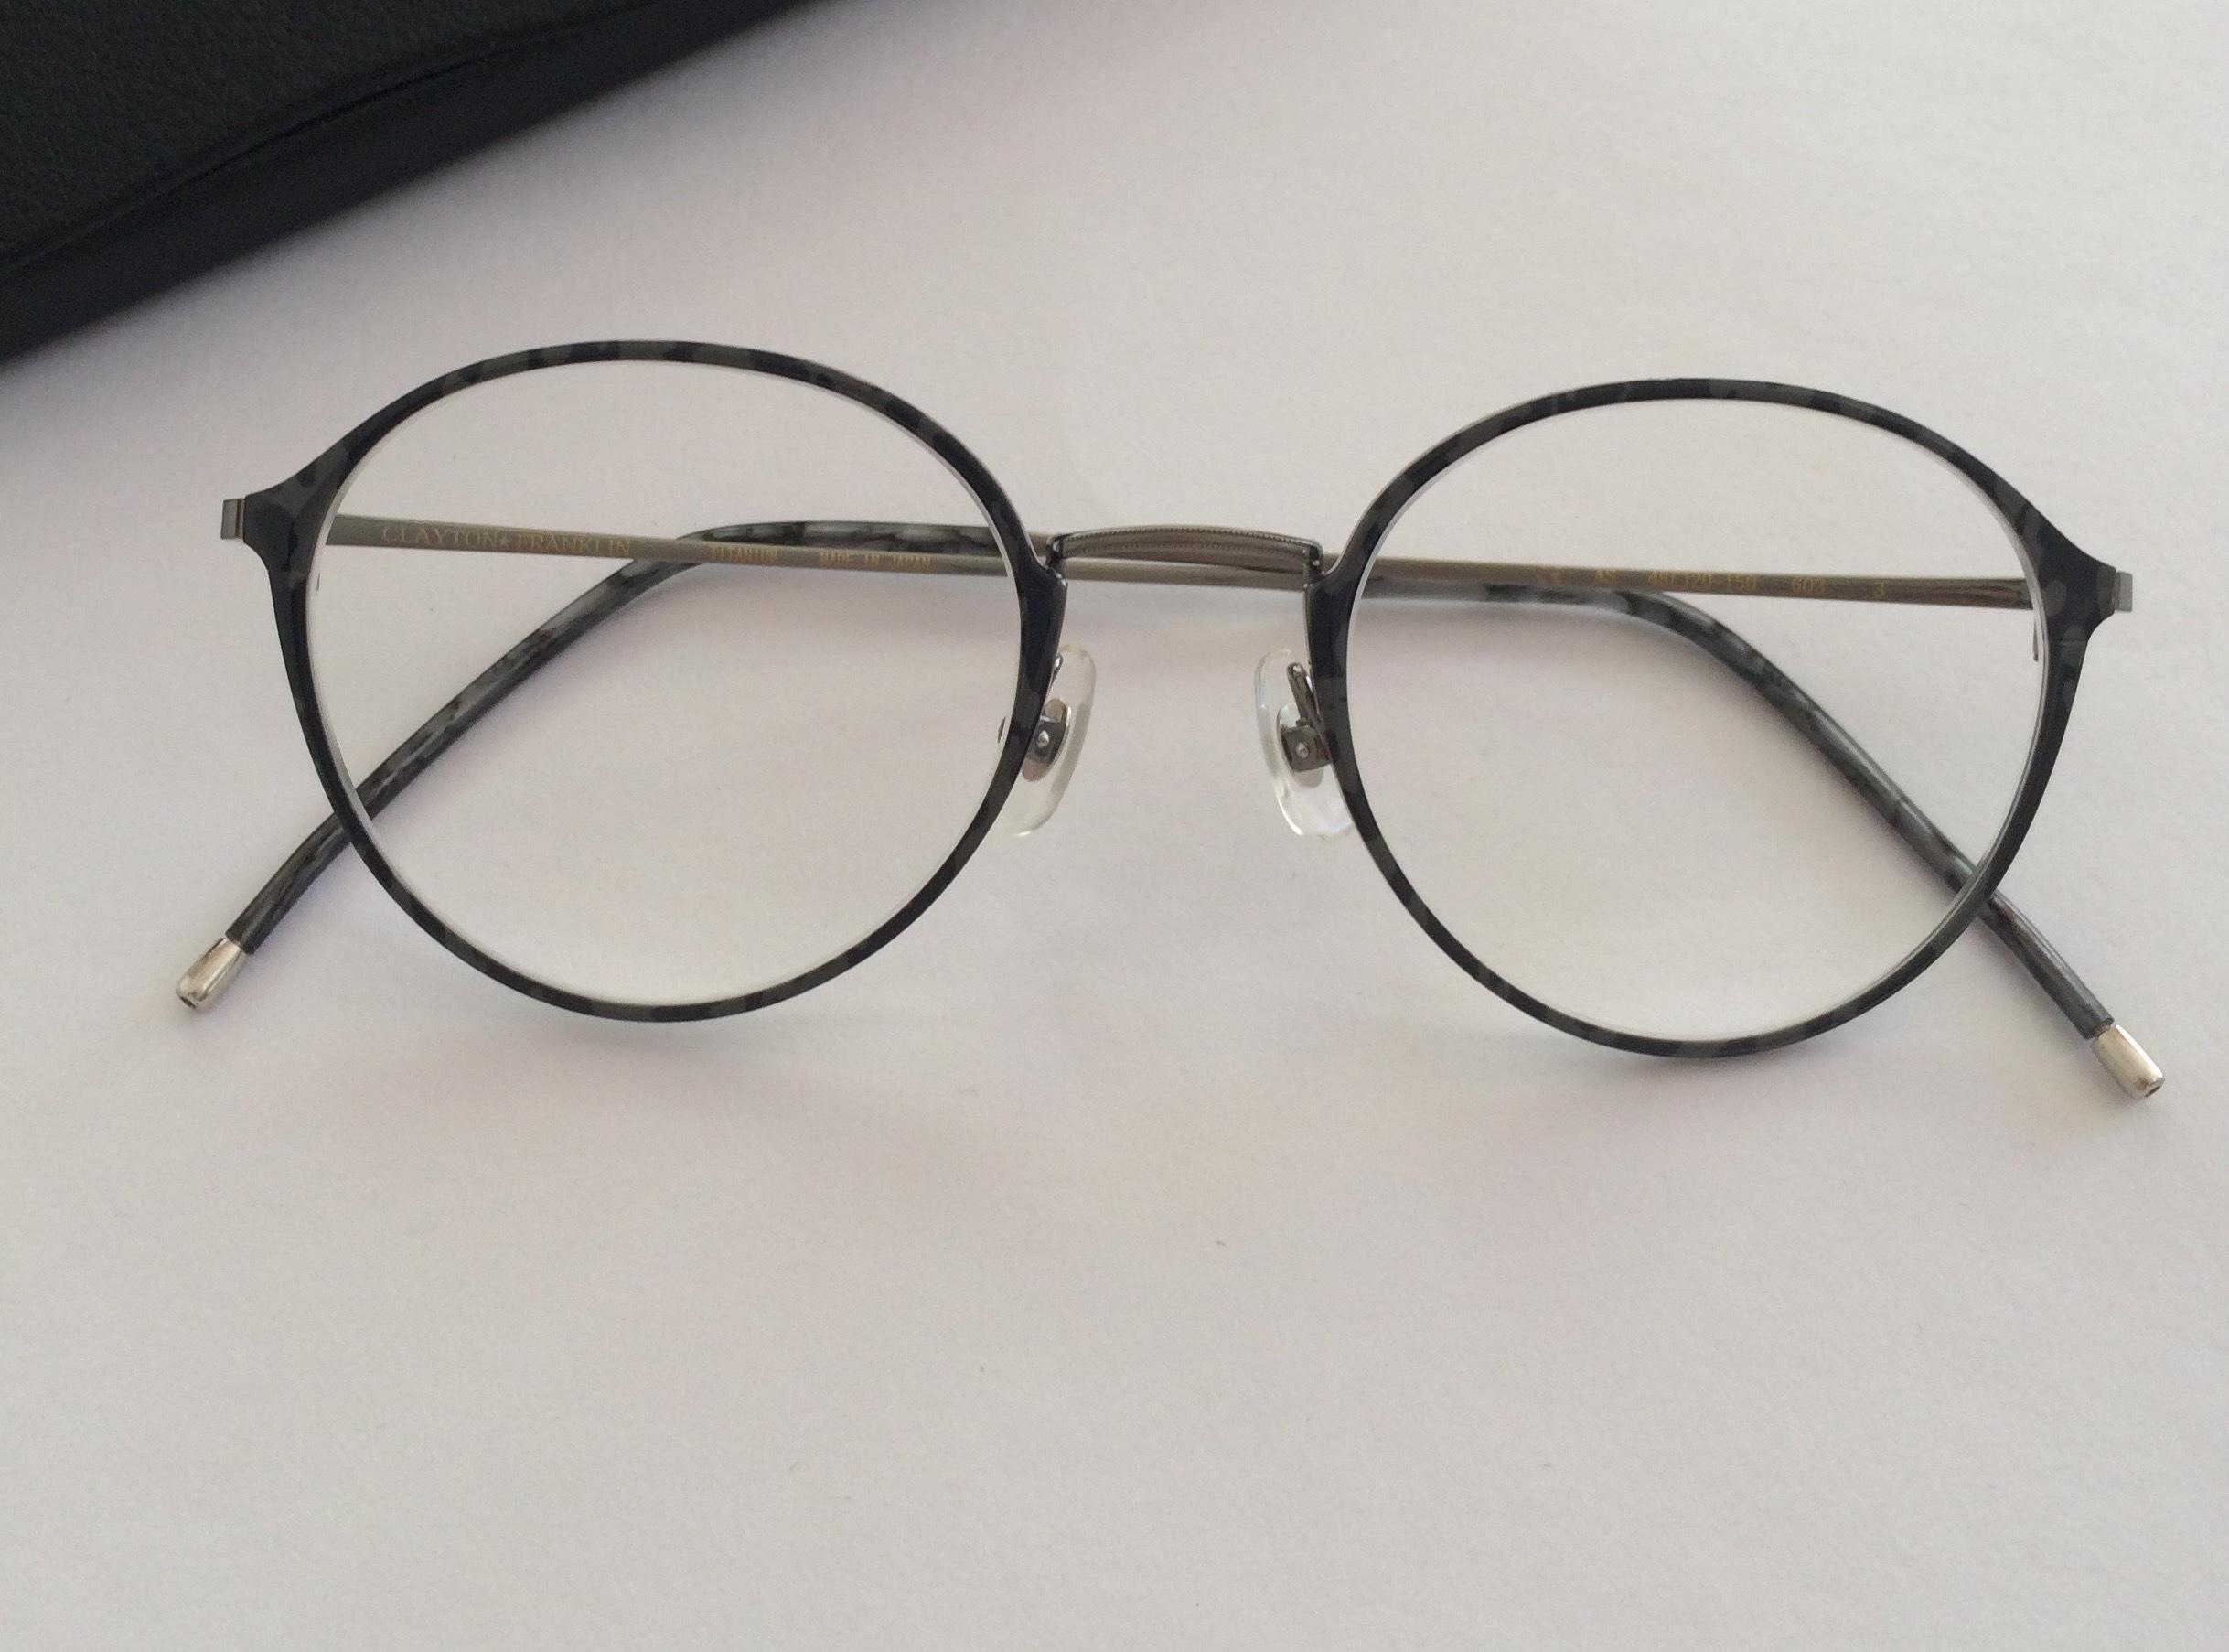 試着20本。ついに見つけた「丸顔に似合う丸メガネ」